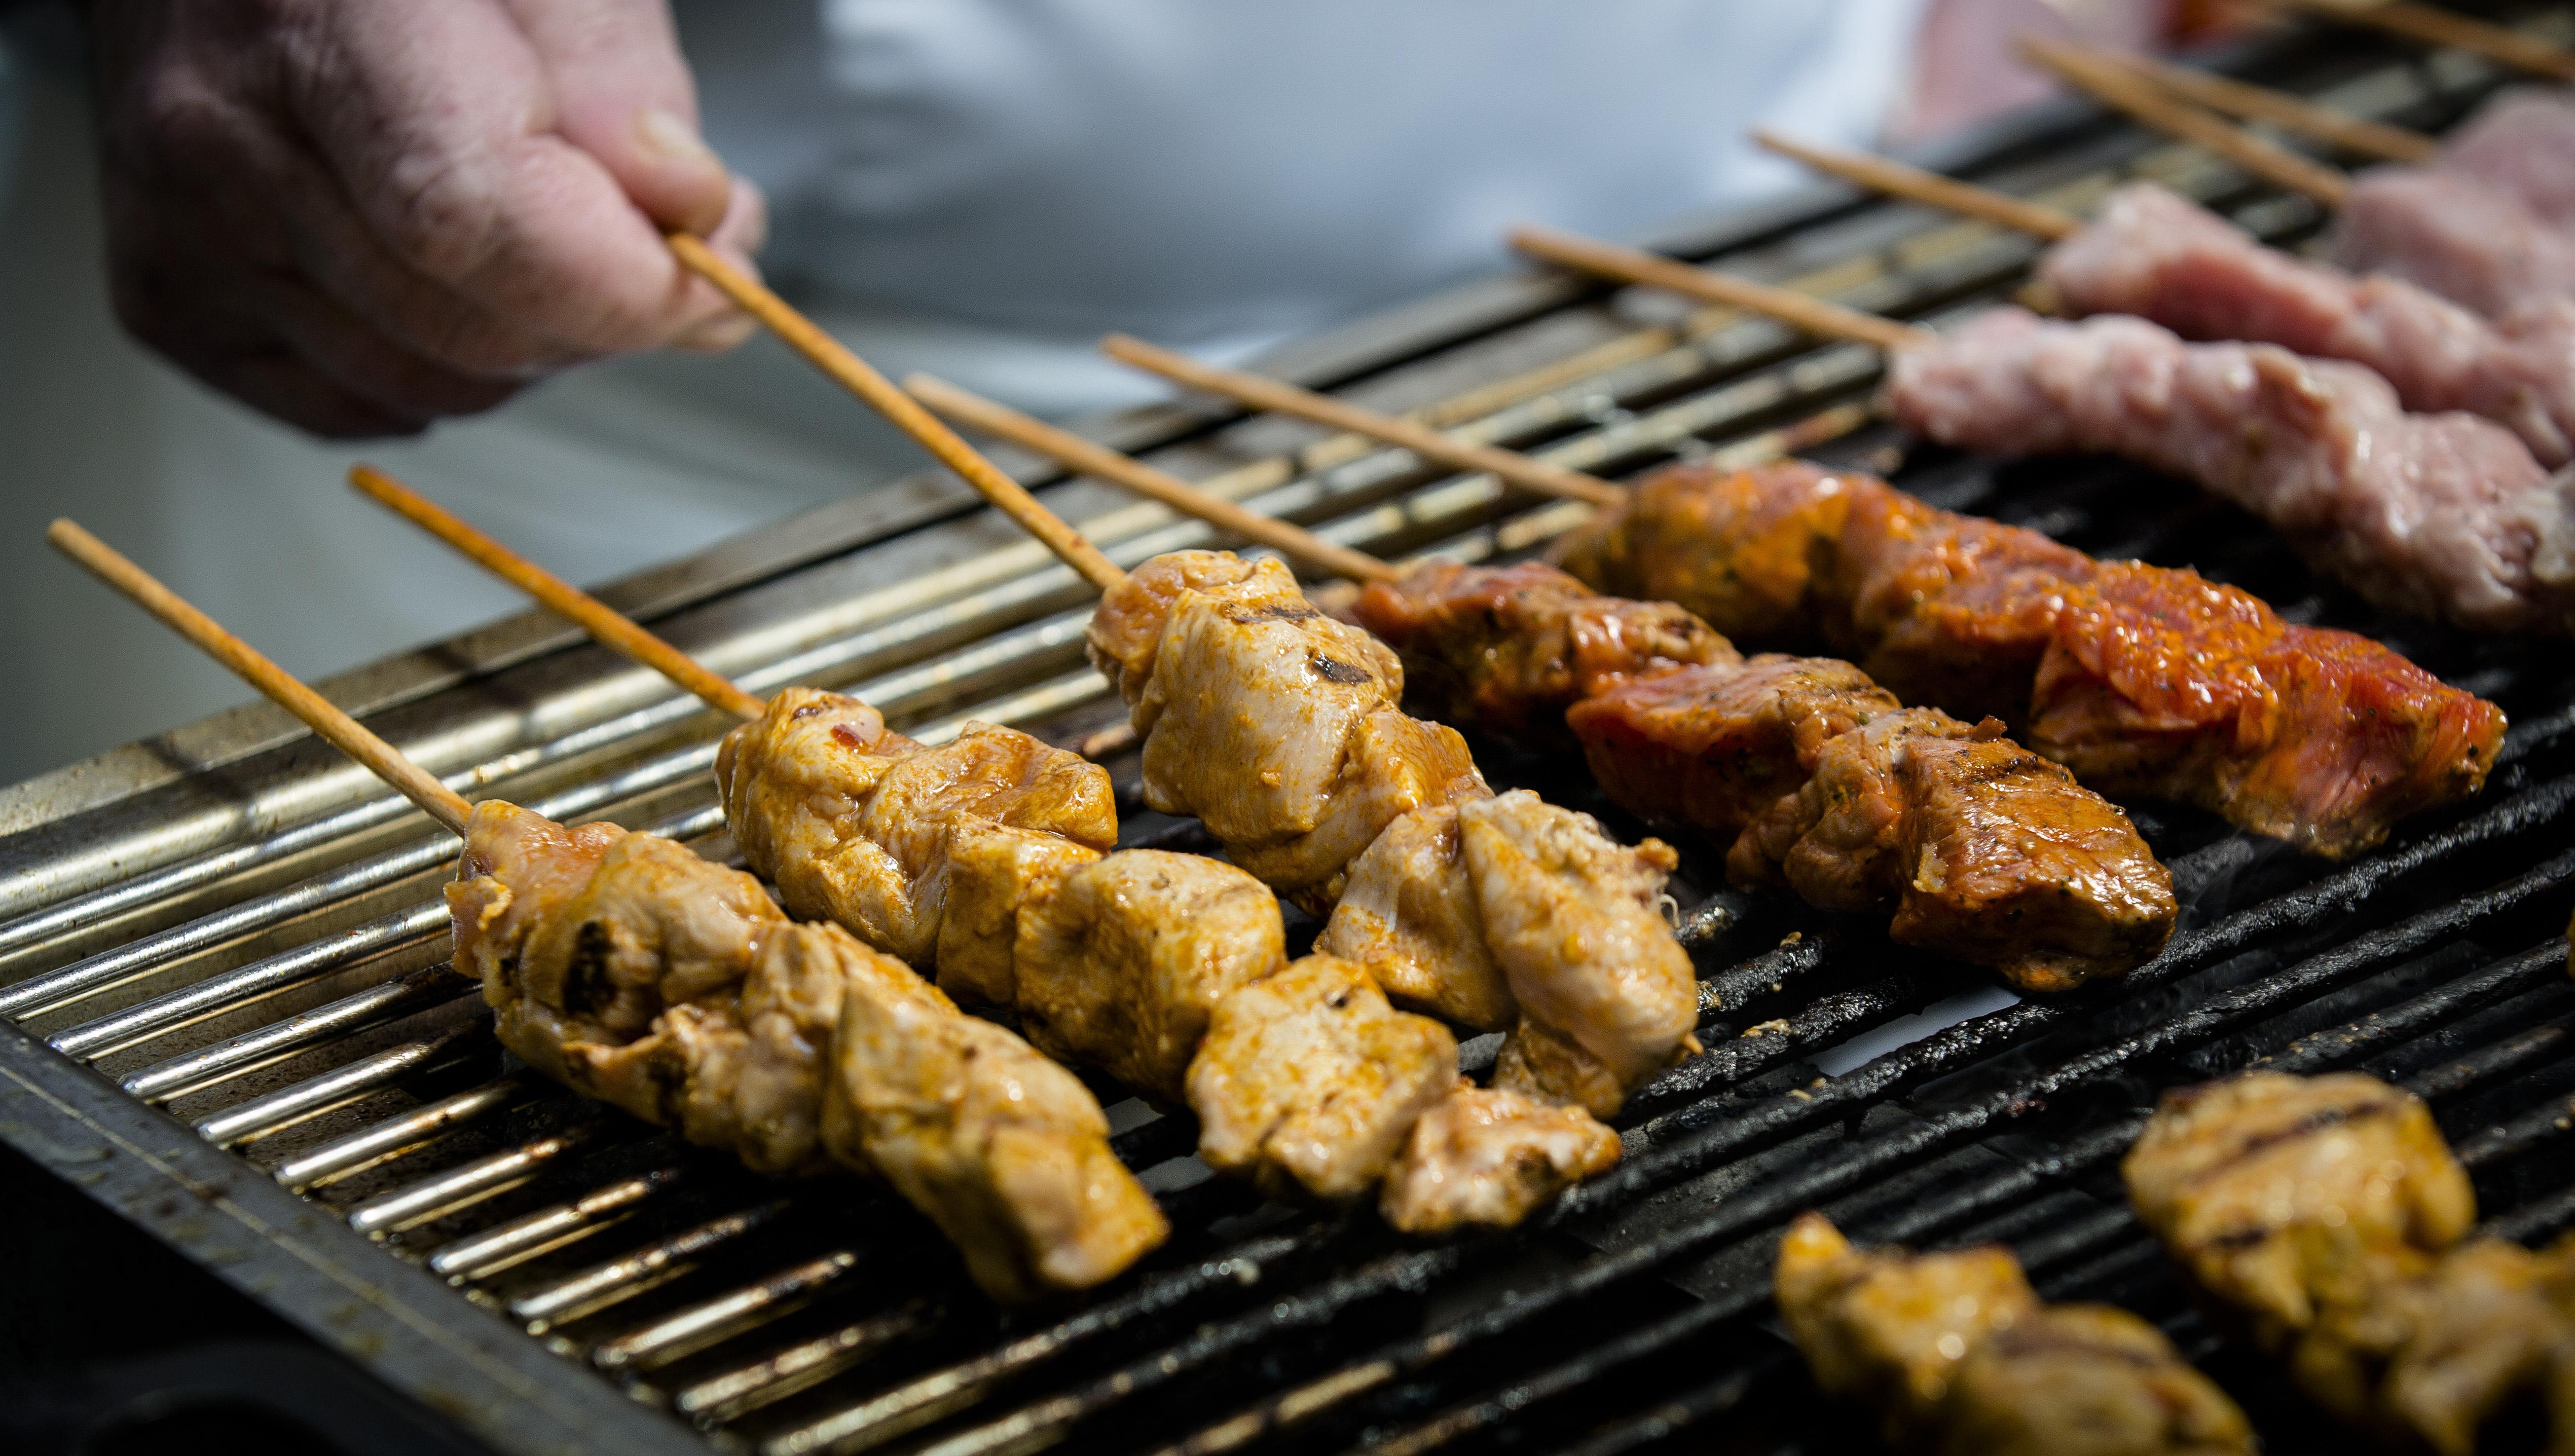 Als eindelijk het vlees op het rooster kon, waren de buren wel uit hun tuin gerookt | Column